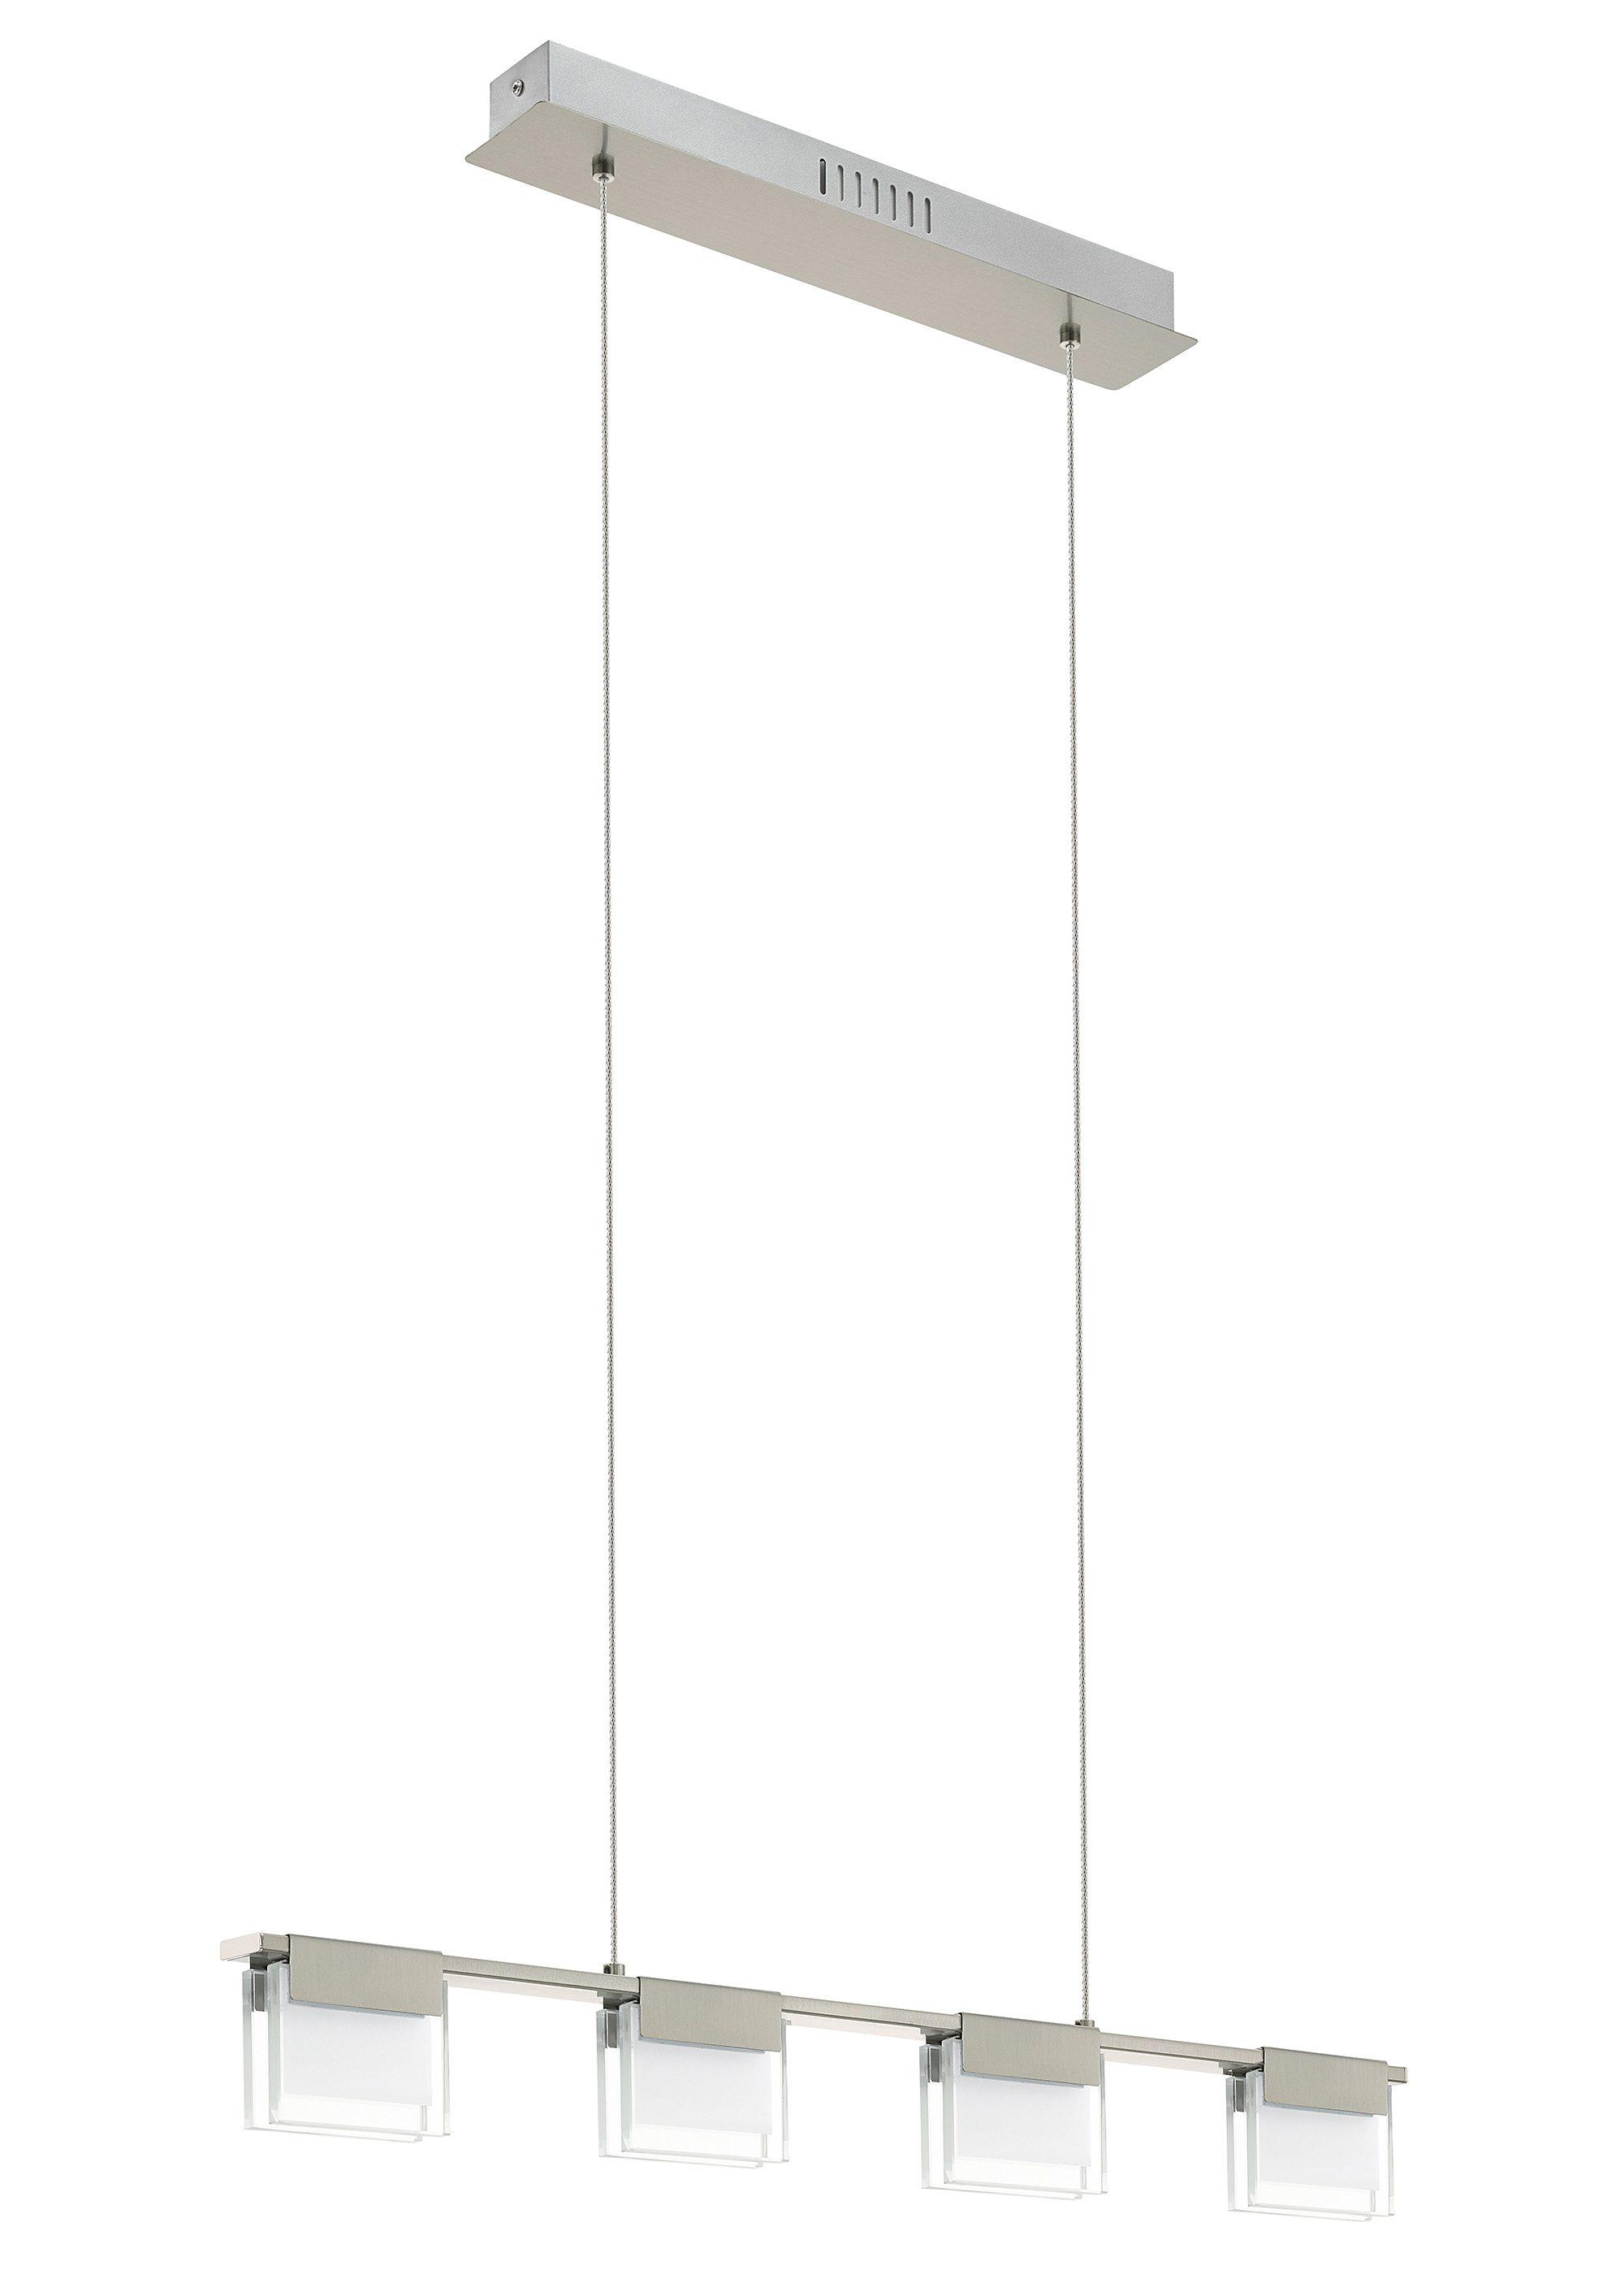 EGLO LED Pendelleuchte »CLAP1«, 4-flammig